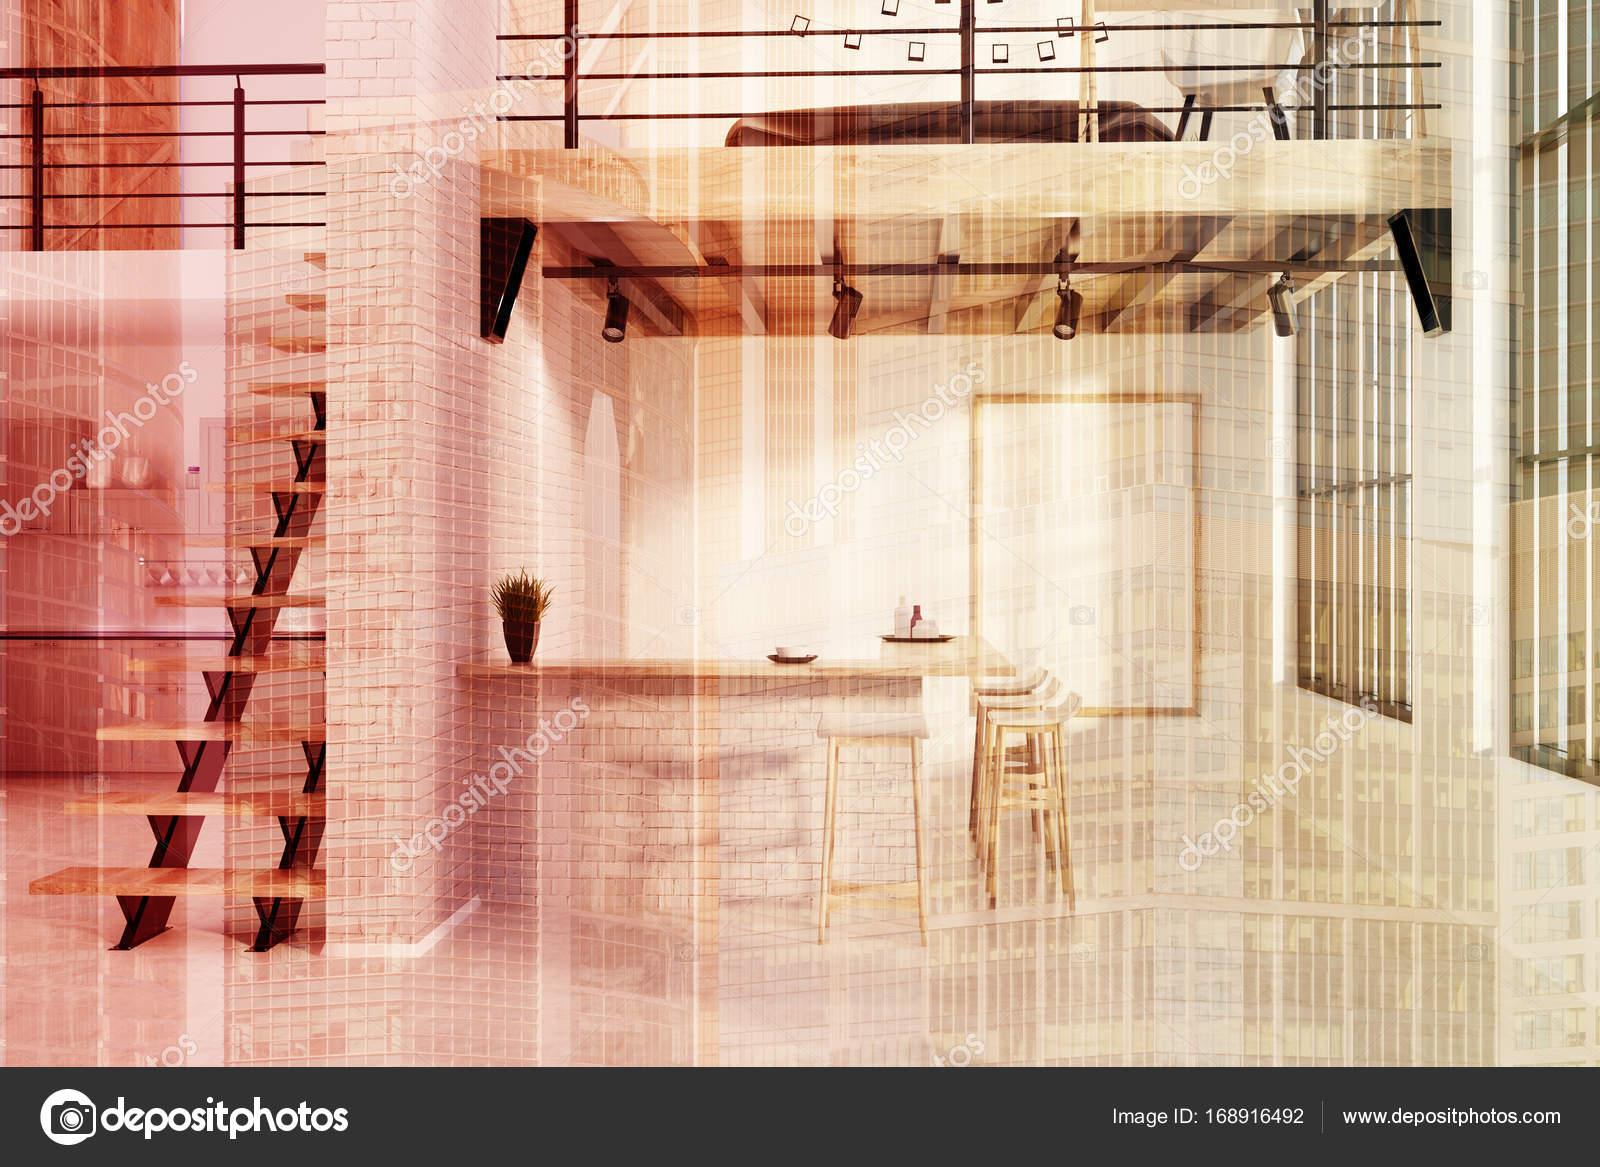 Ziegel-Küche-Bar mit einem doppelten poster — Stockfoto ...